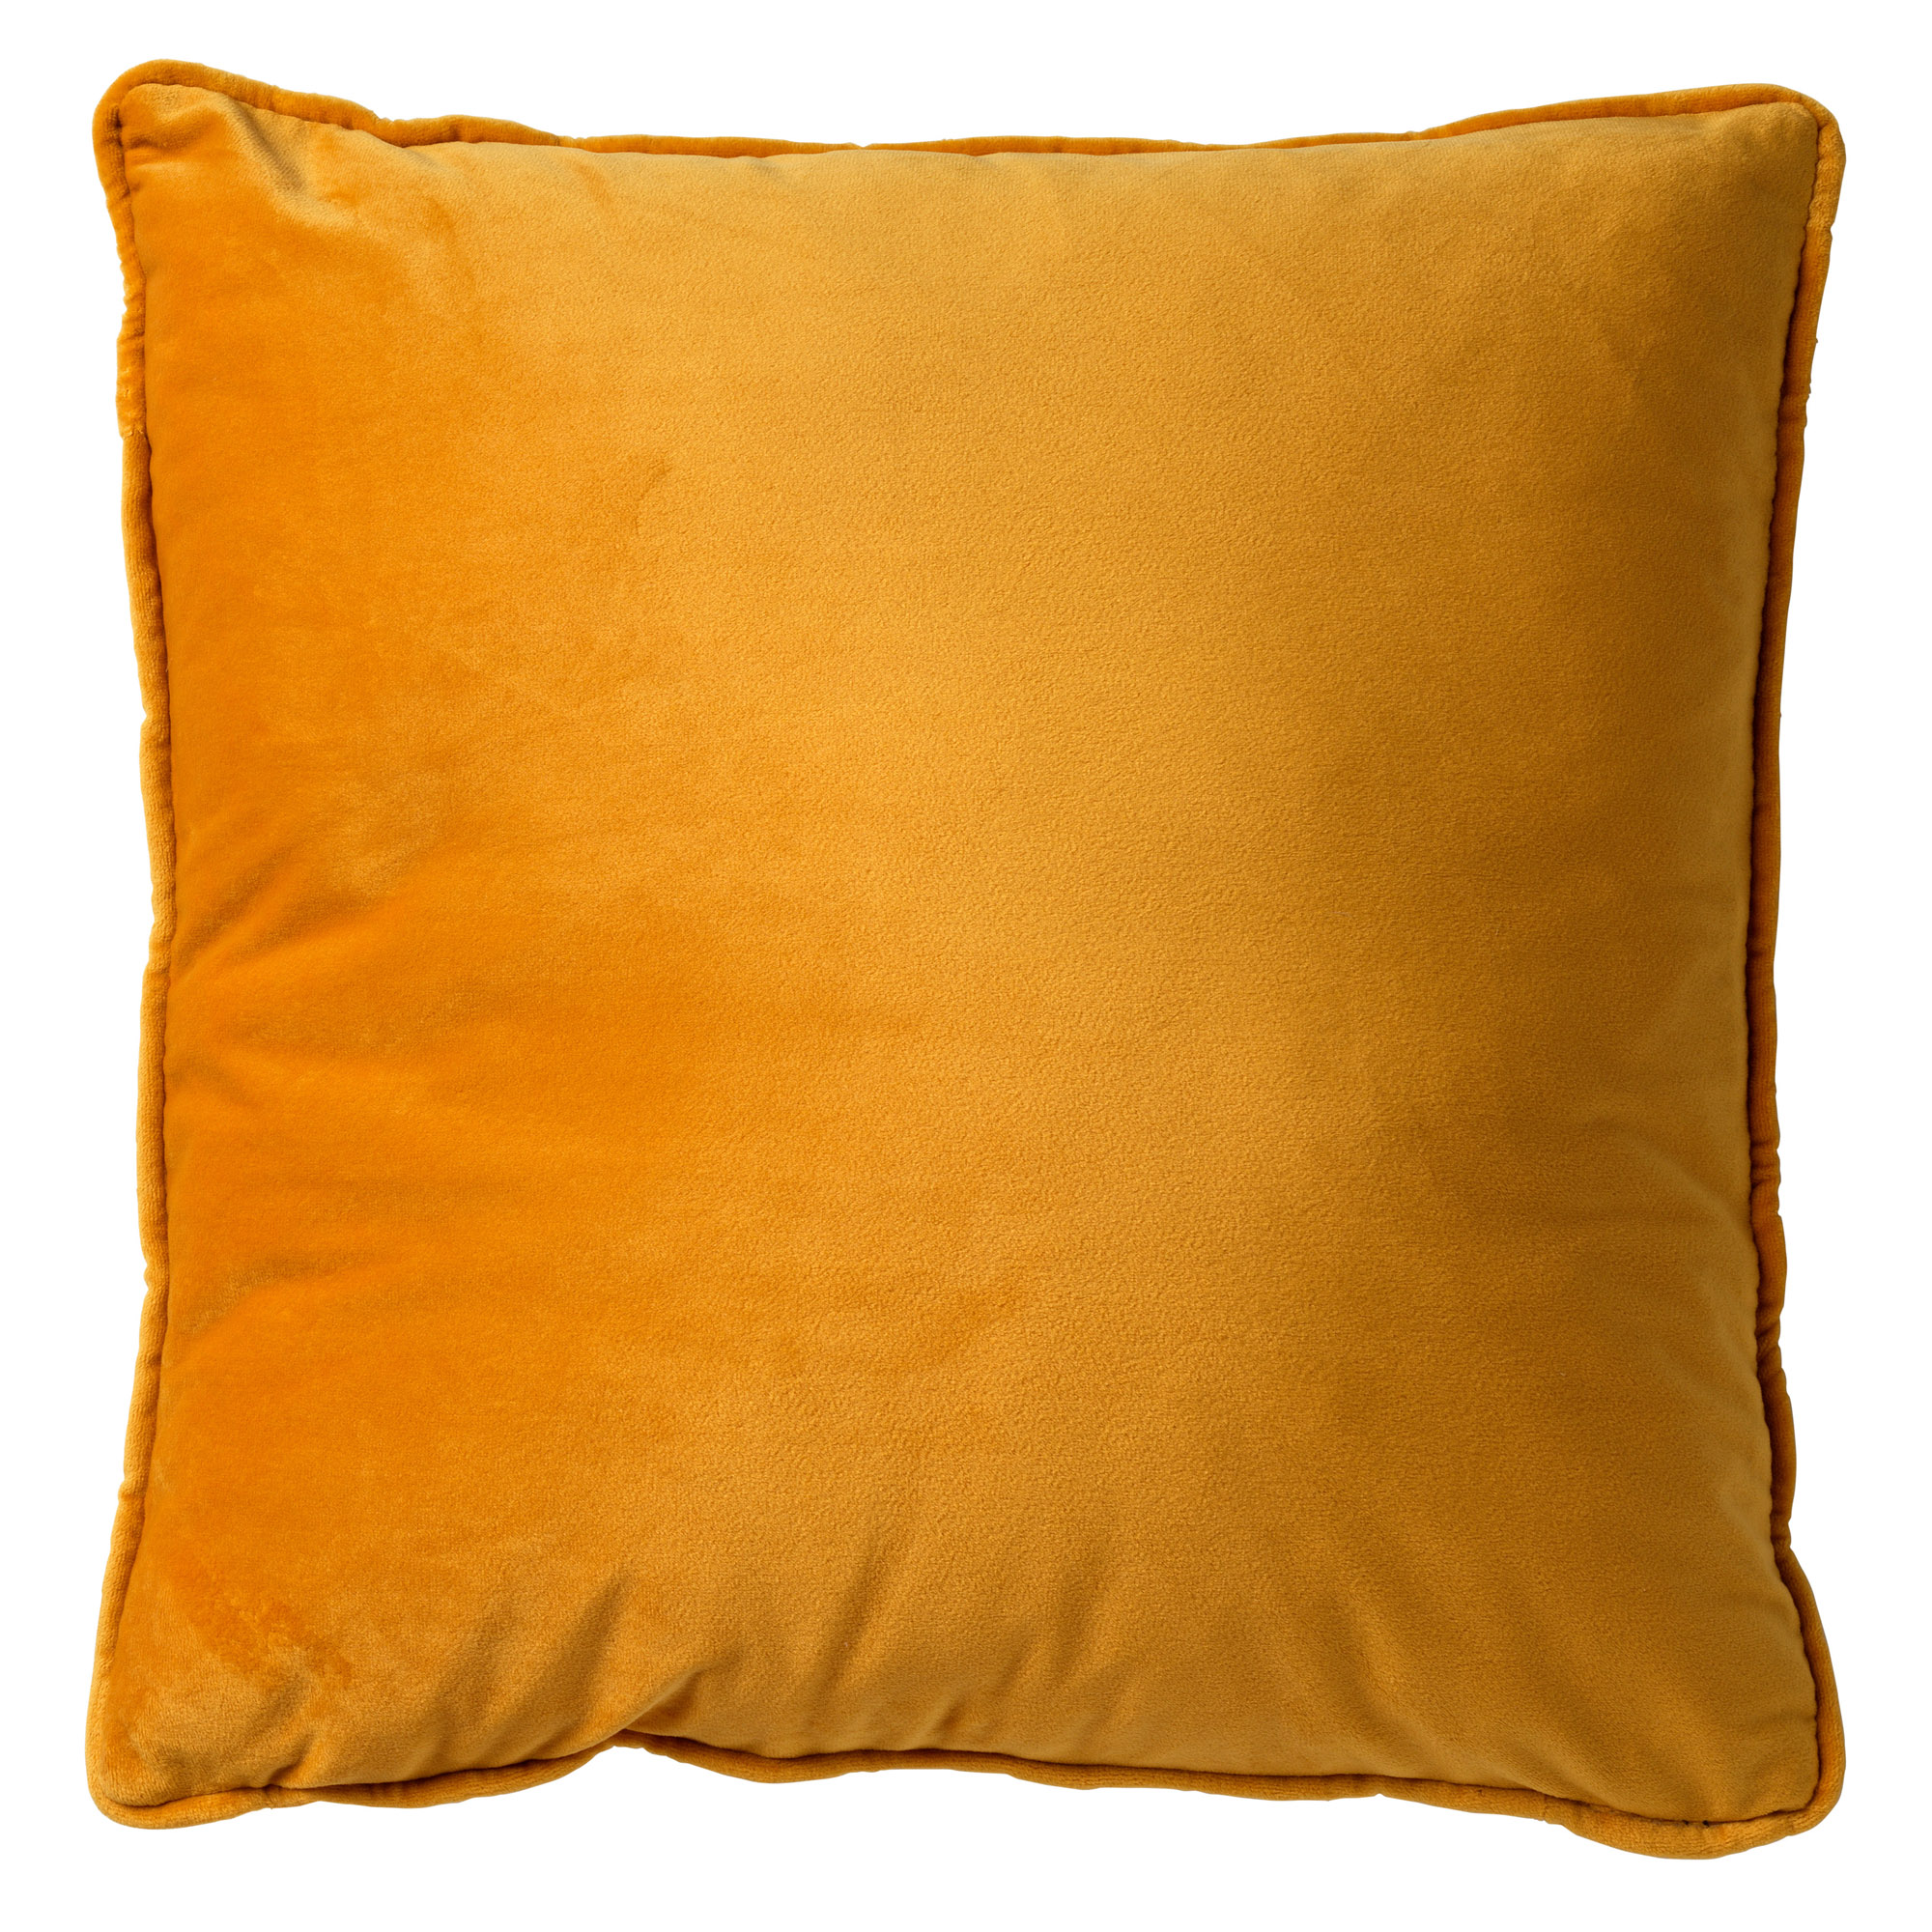 FINN - Sierkussen velvet Golden Glow 45x45 cm